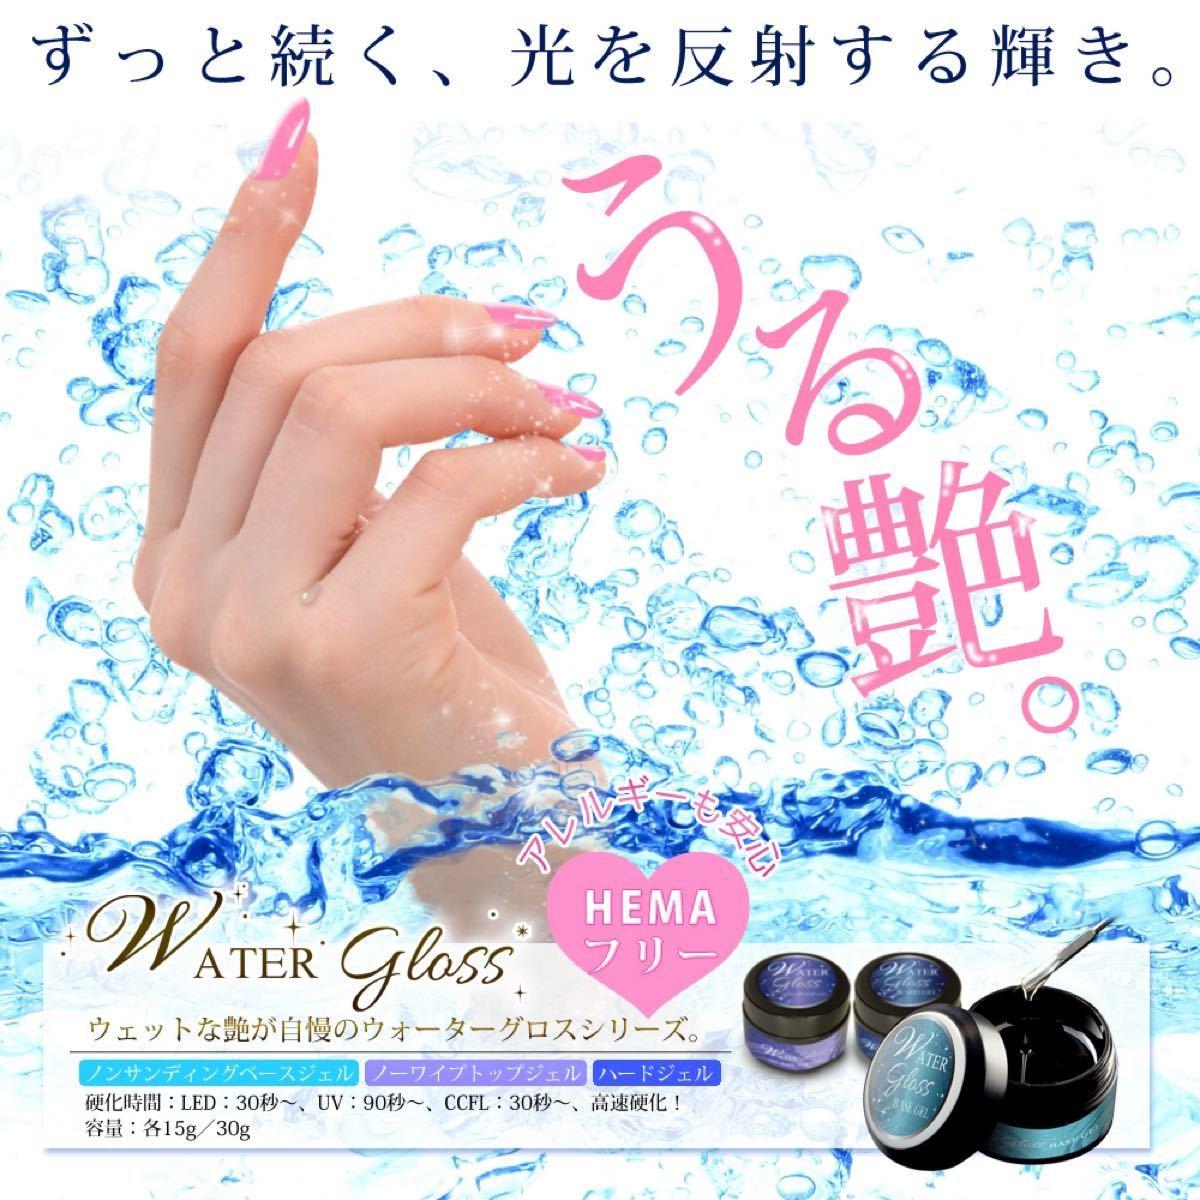 【ジェルネイル】ウォーターグロスジェル トップジェル&ベースジェル 各15g